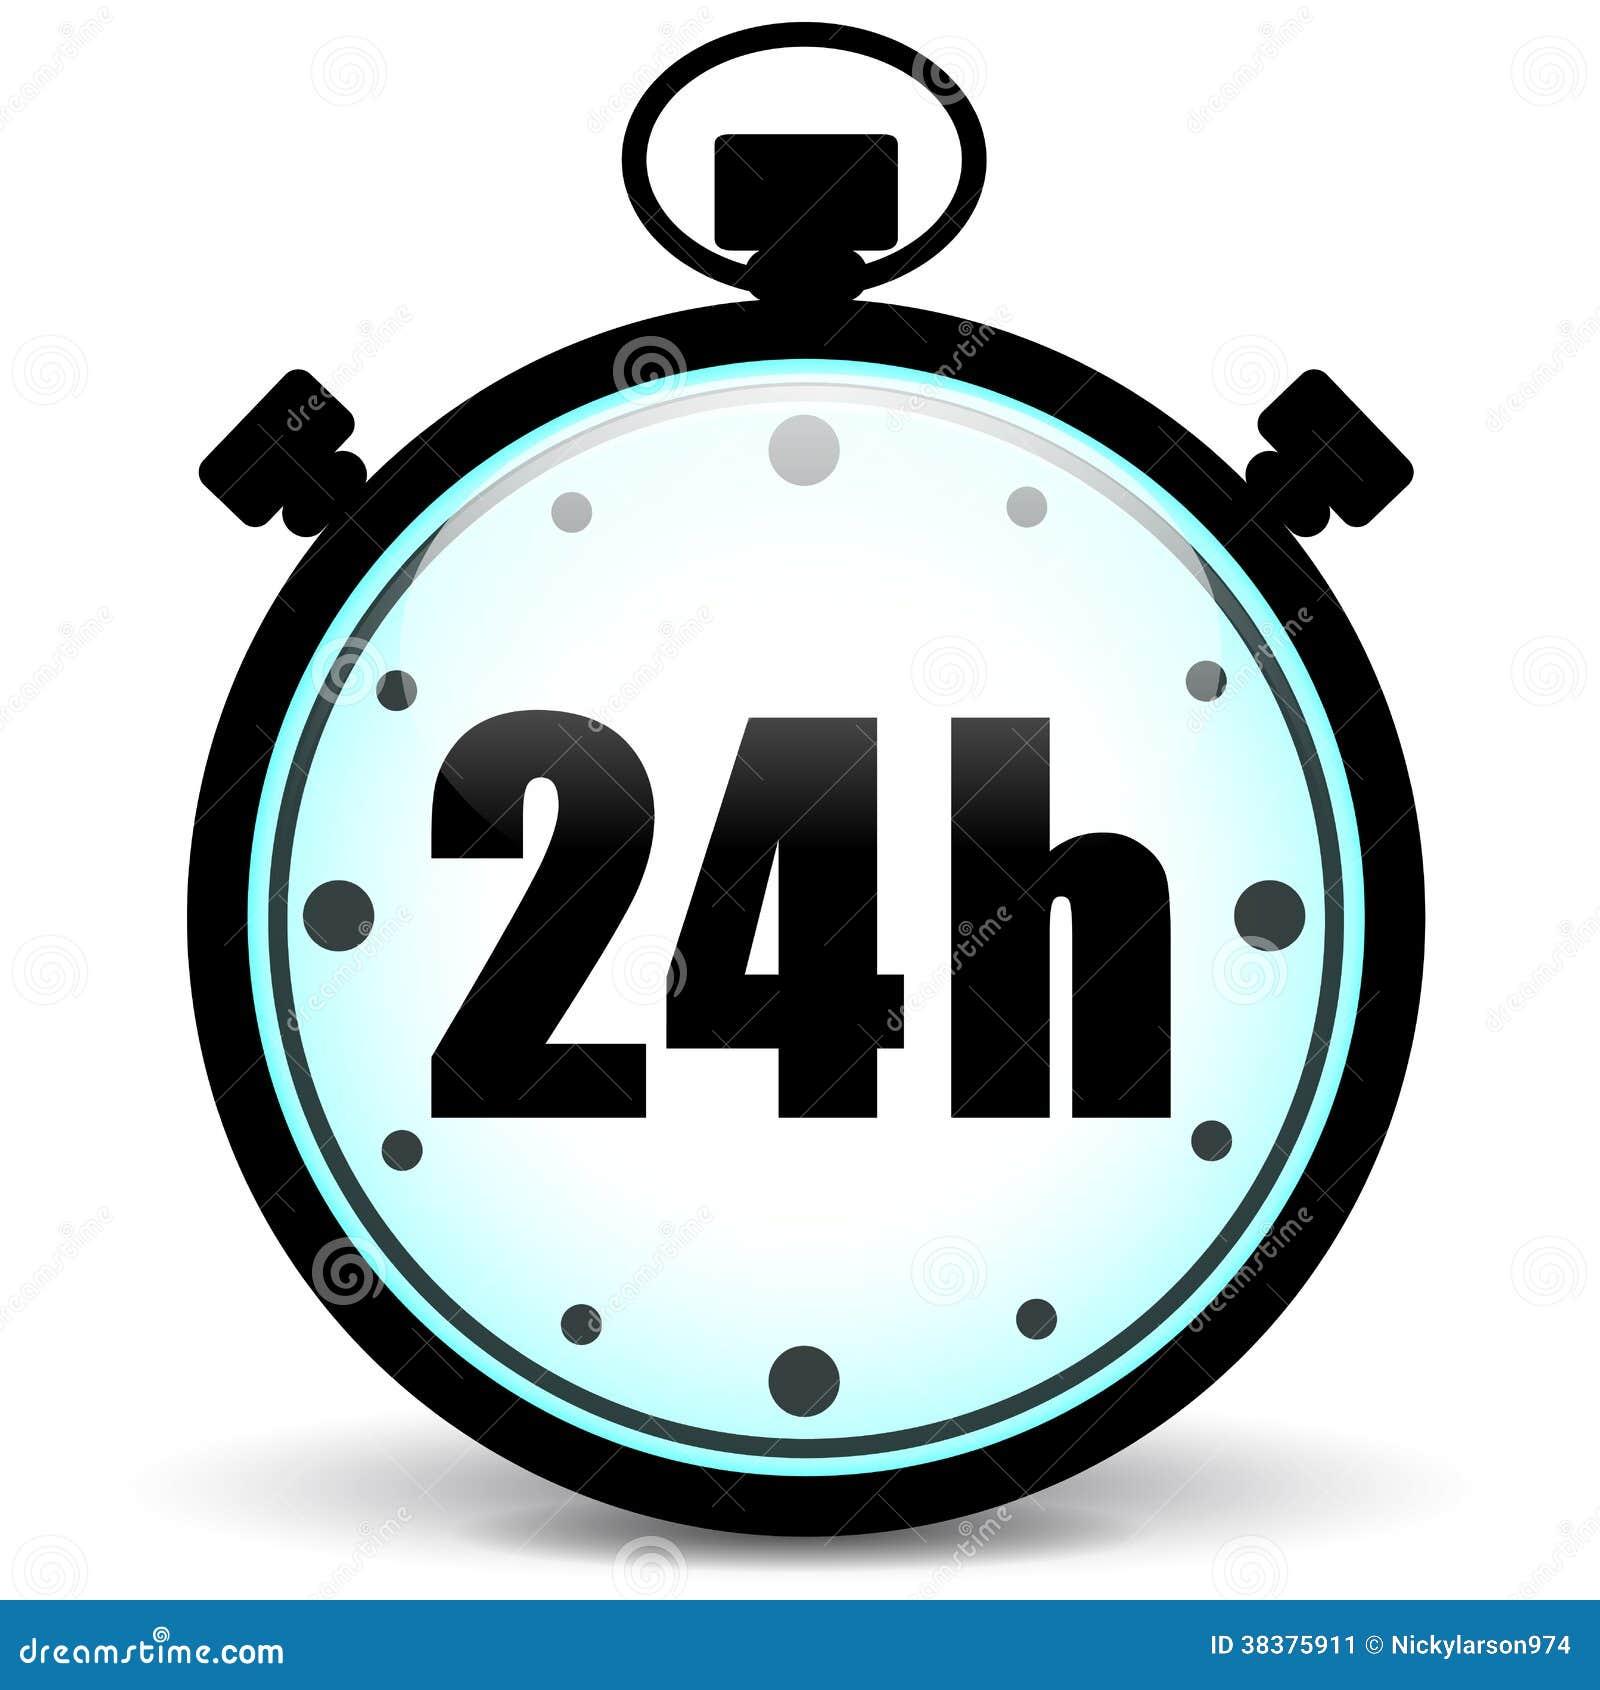 ikone der stoppuhr 24h vektor abbildung illustration von borduhr 38375911. Black Bedroom Furniture Sets. Home Design Ideas